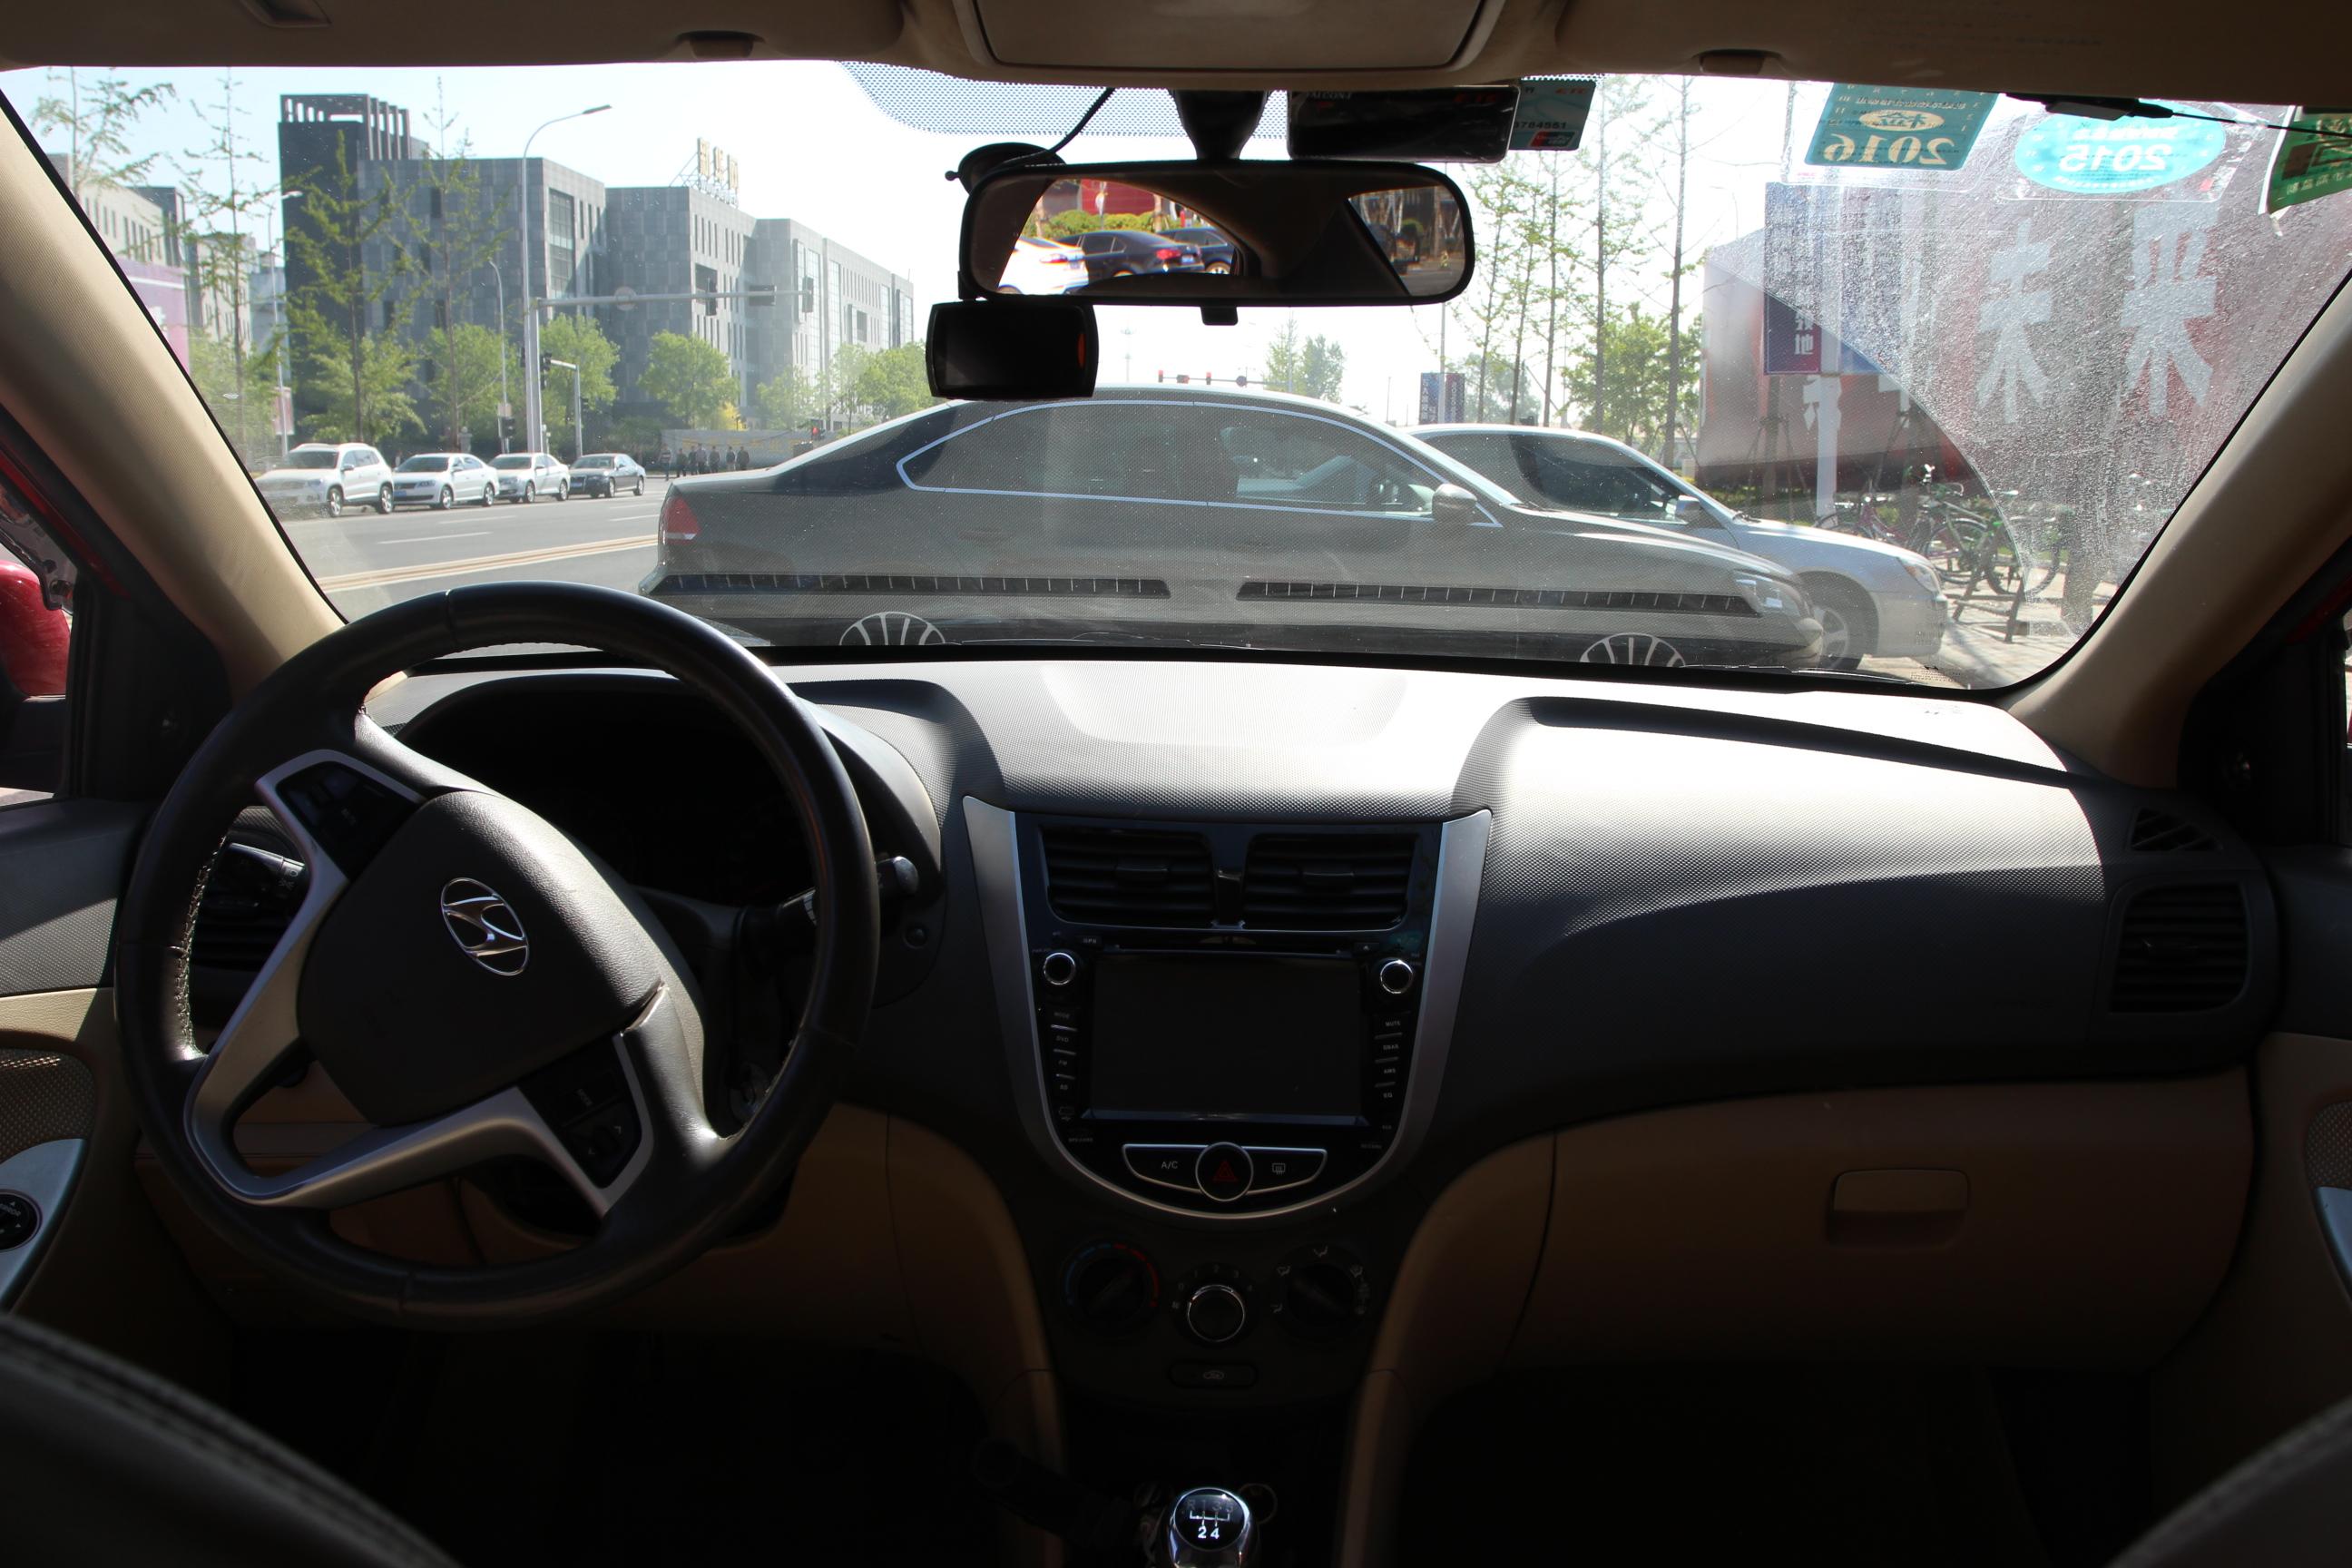 瑞纳汽车仪表盘指示灯图解